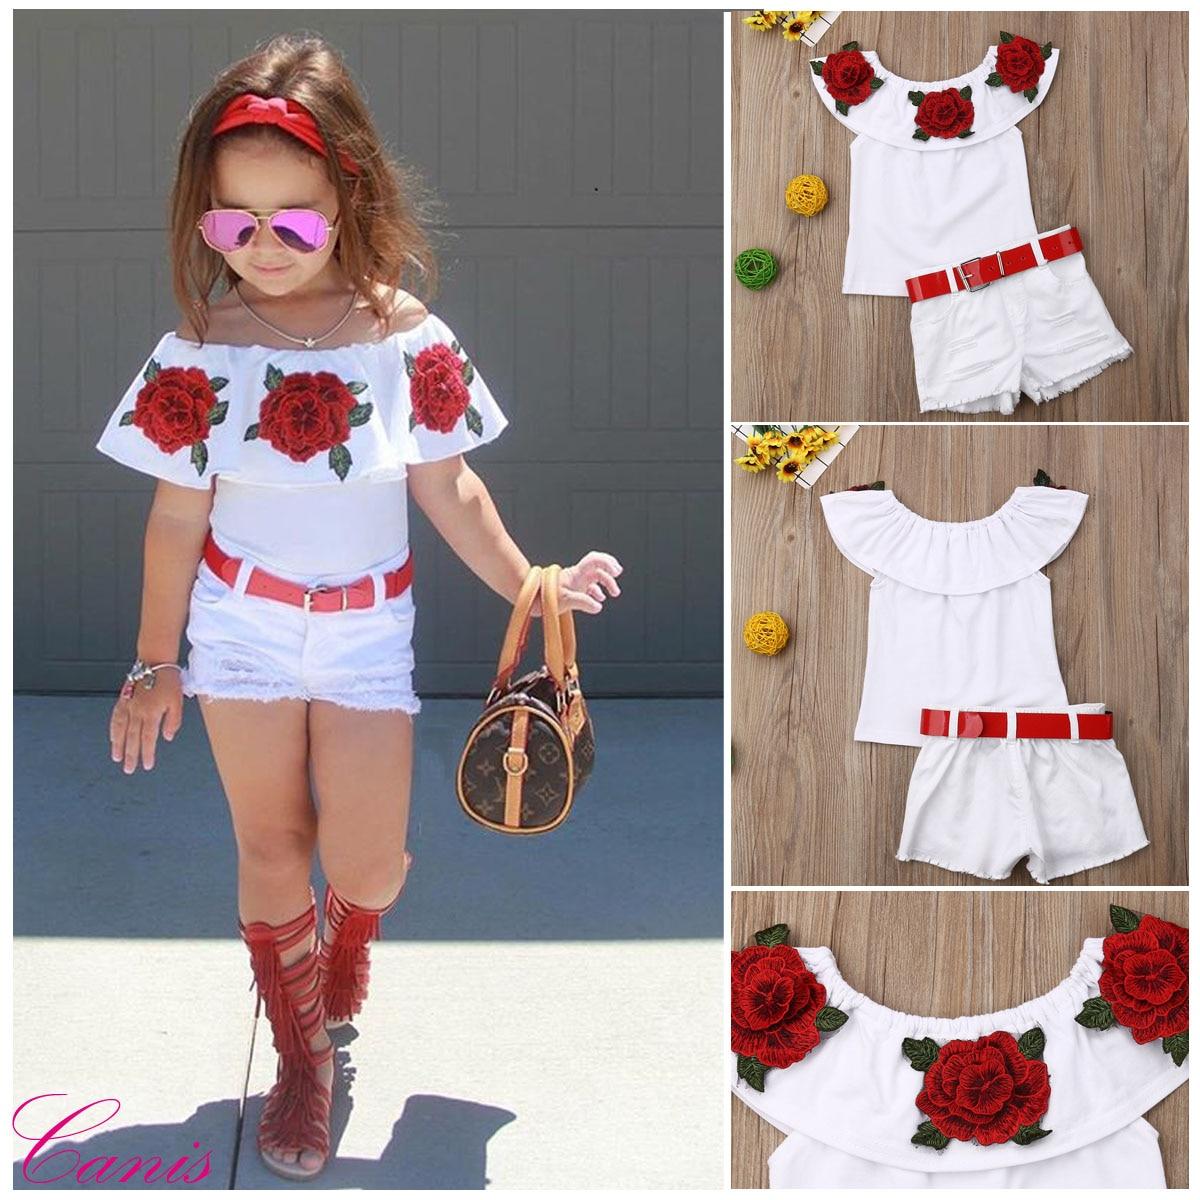 Одежда для маленьких девочек, топы с оборками и открытыми плечами и цветочным принтом + джинсовые рваные шорты, комплекты из 2 предметов, летняя одежда